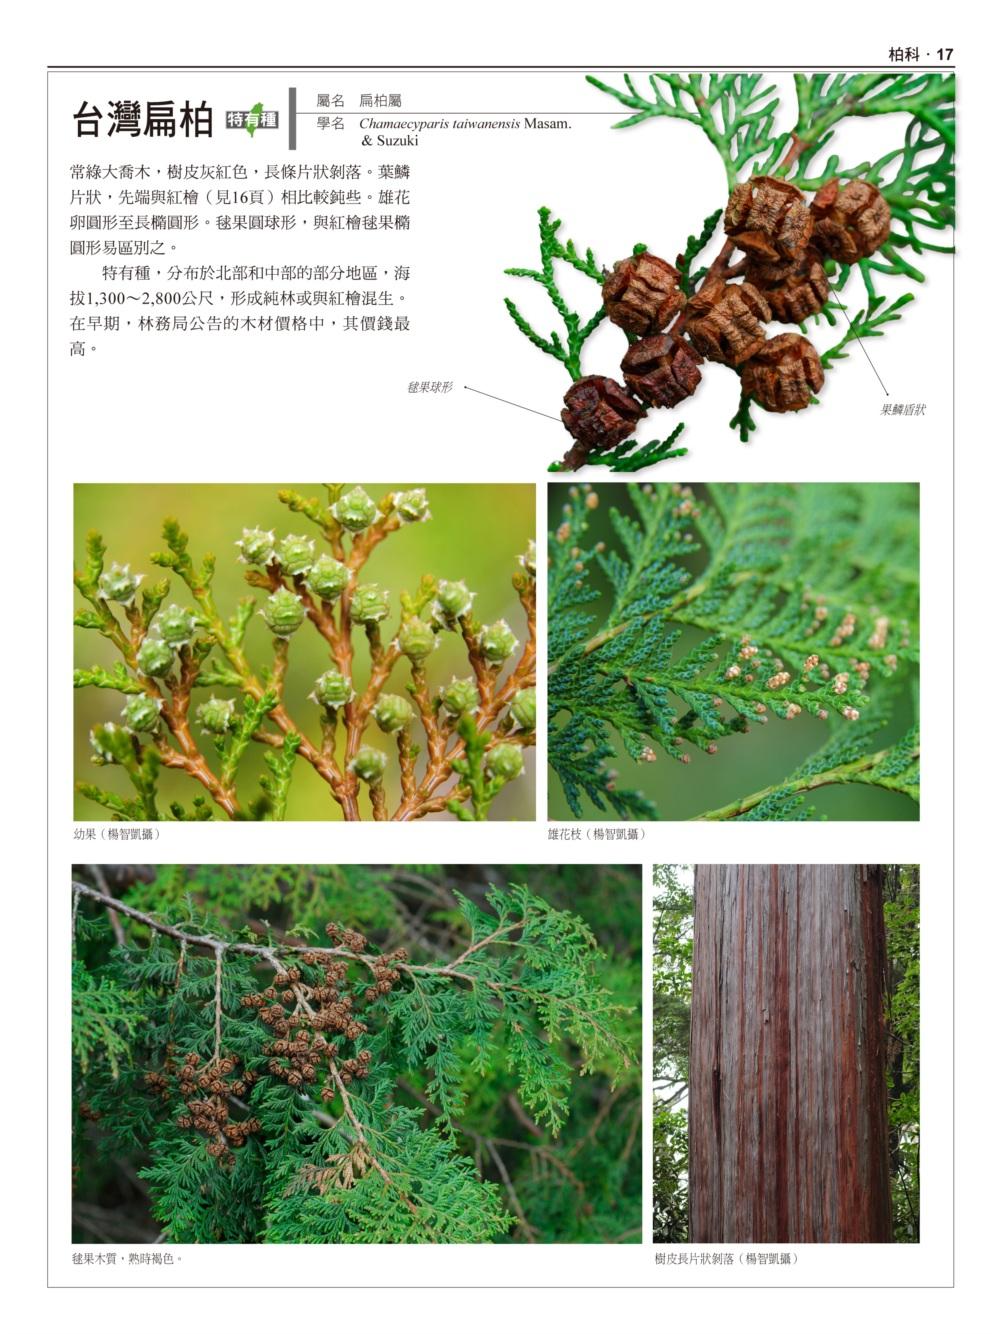 //im2.book.com.tw/image/getImage?i=http://www.books.com.tw/img/001/074/50/0010745089_b_11.jpg&v=5957227d&w=655&h=609